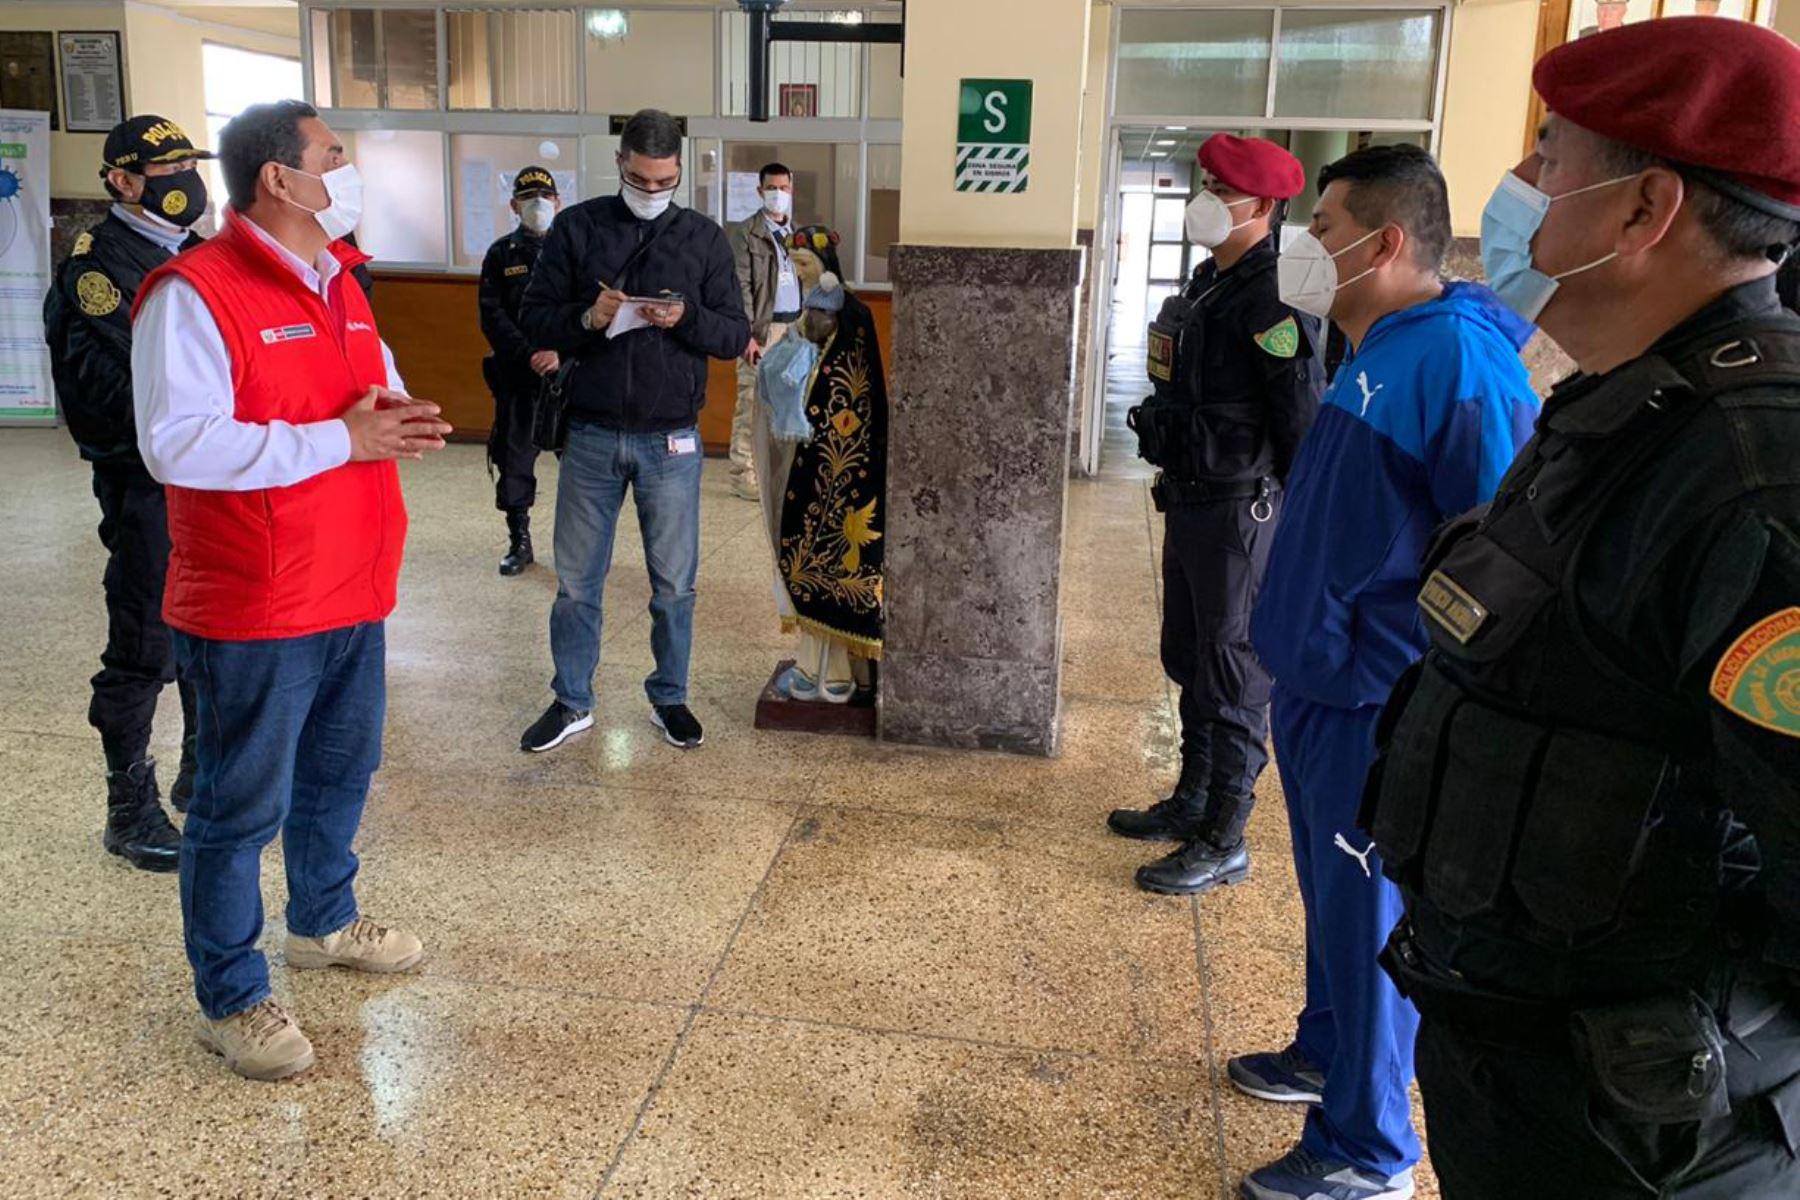 Ministro del Interior, Jorge Montoya brindó  reconocimiento a los tres policías que, en una acción heroica, arriesgaron su vida para rescatar a una familia durante un incendio en San Martín de Porres.  Foto: Mininter